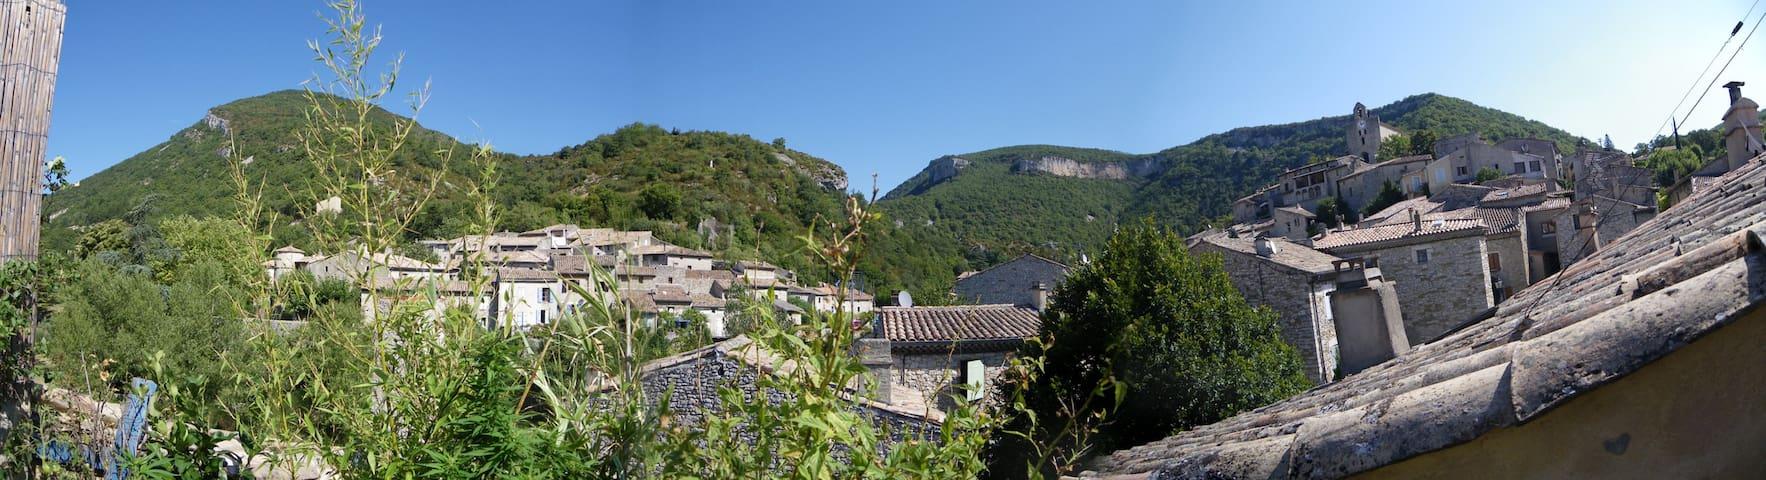 Jolie maison de village - Pont-de-Barret - Reihenhaus